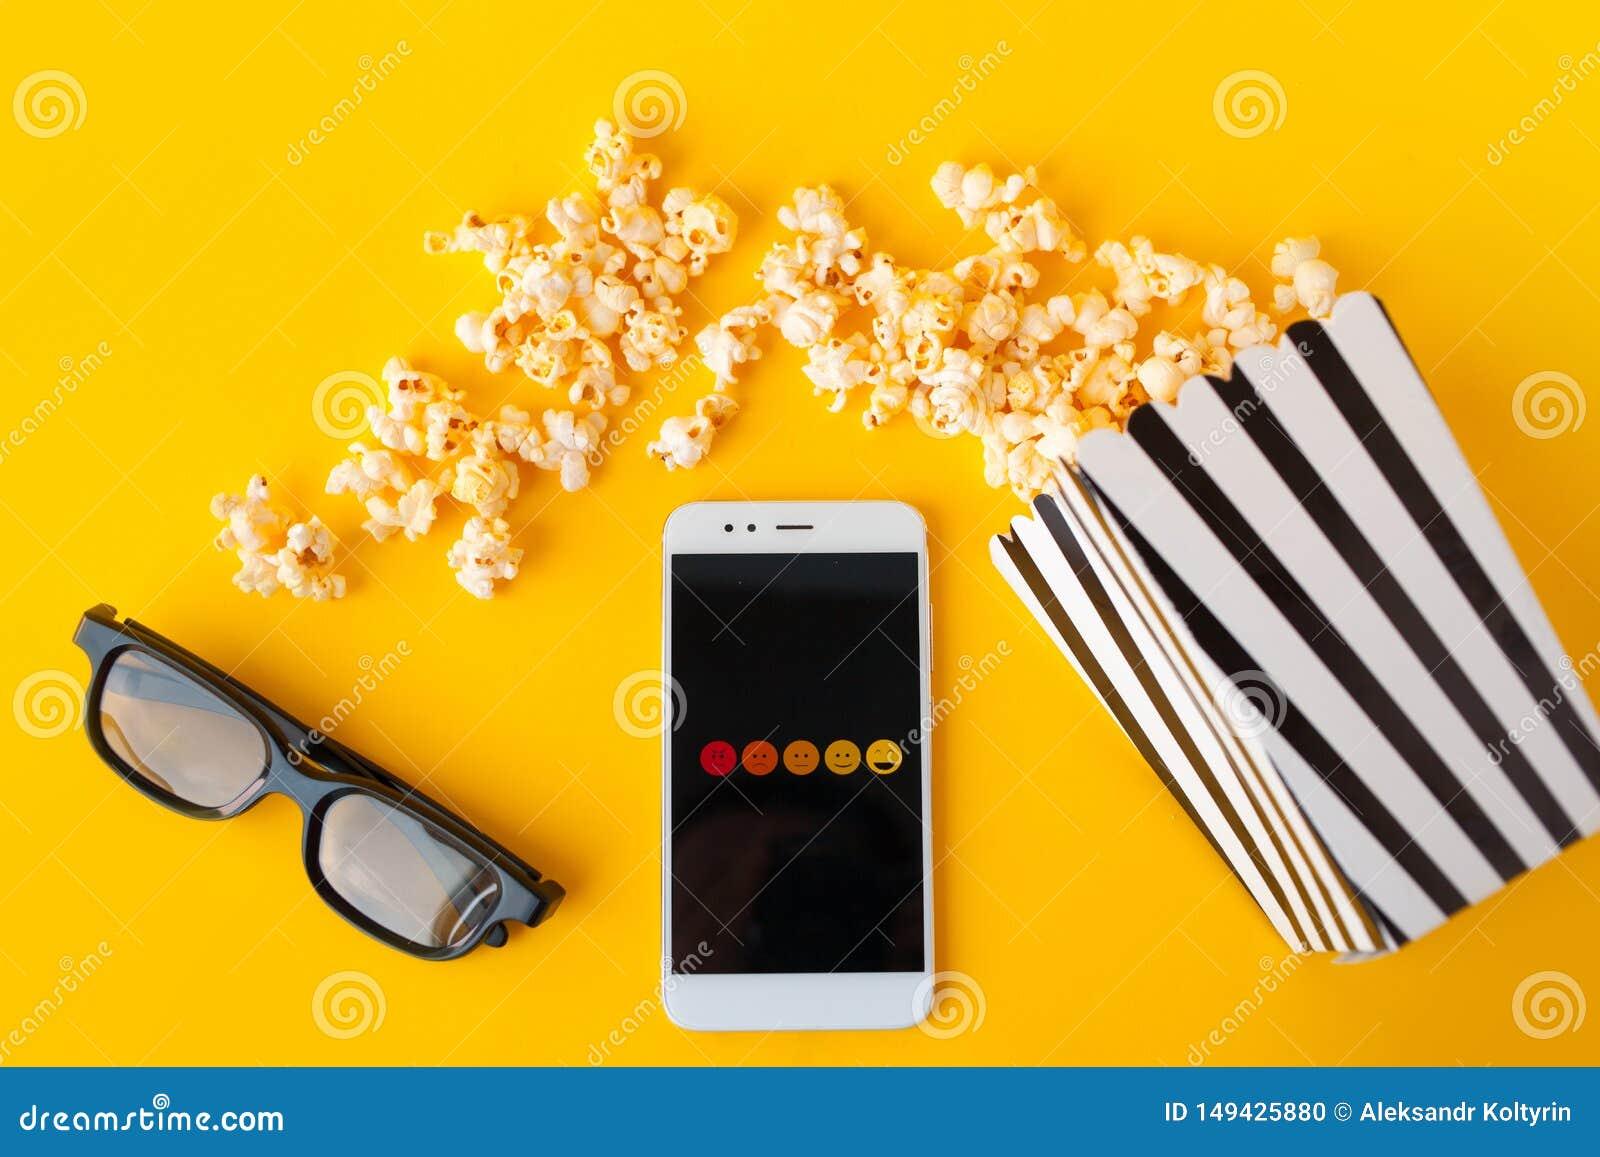 Biały smartphone z smilies na ekranie, 3d szkłach, czarny i biały pasiastym papierowym pudełku i rozrzuconym popkornie,